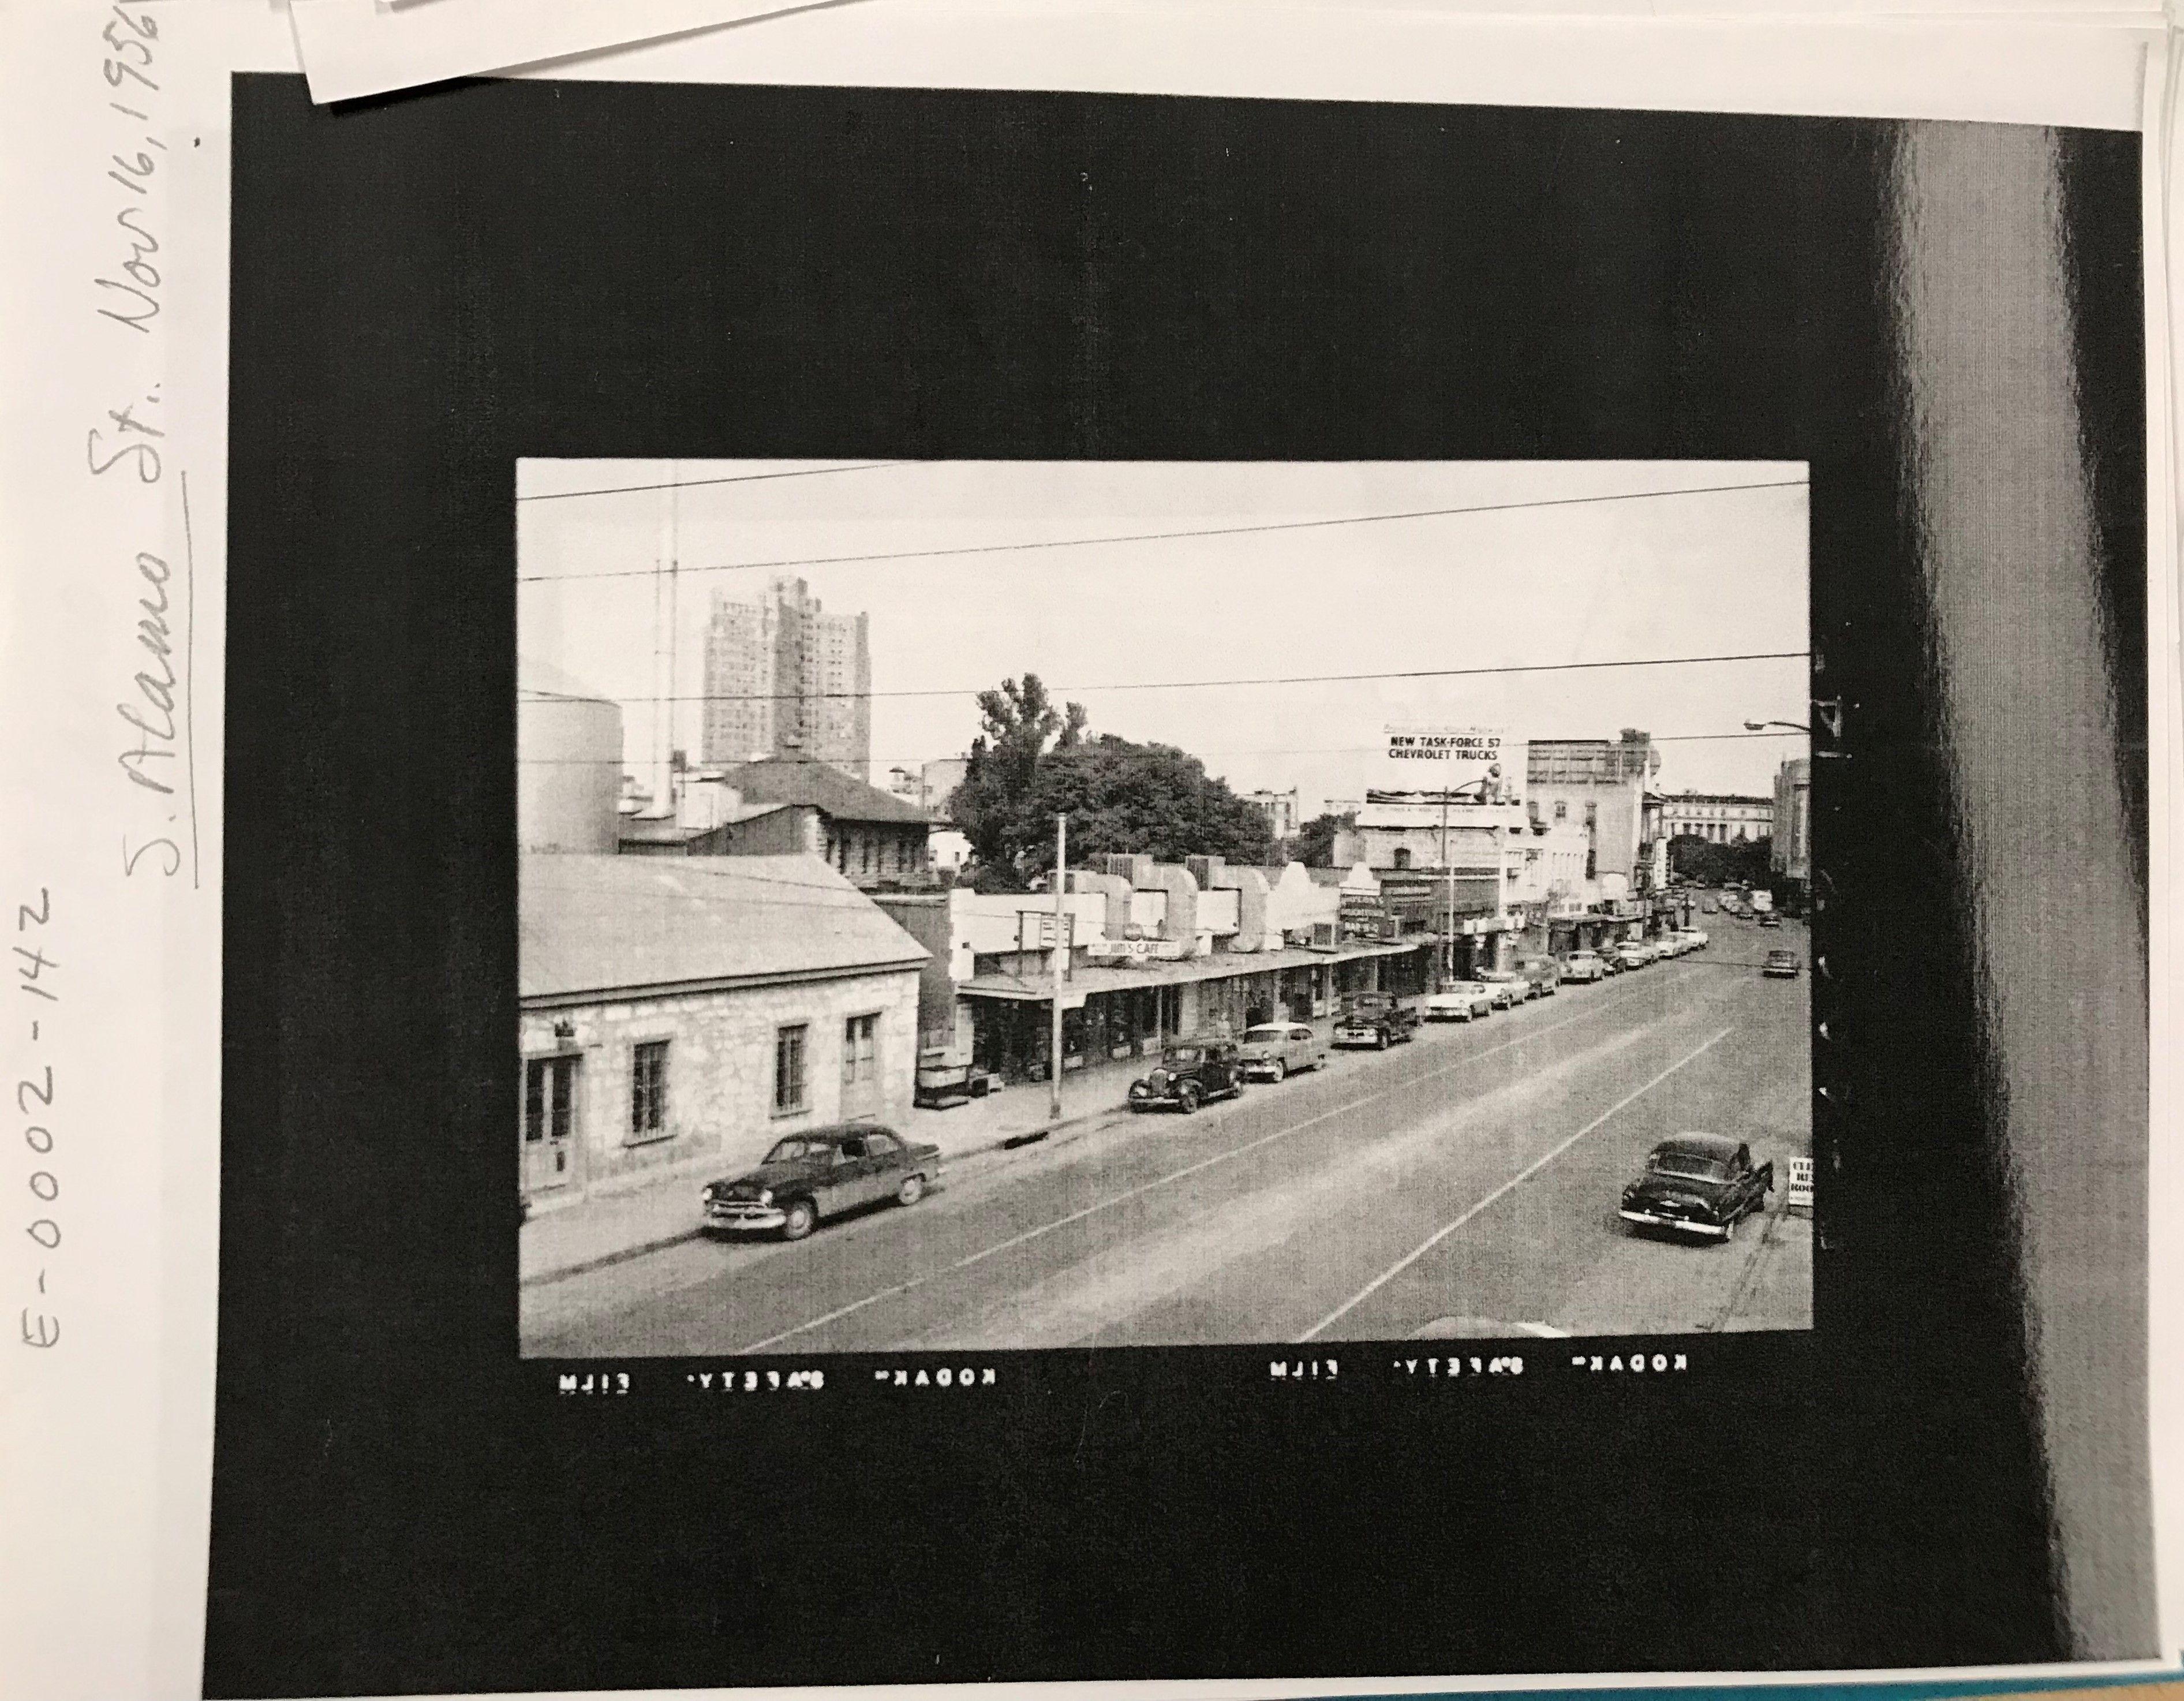 Panoramic Print 1873-23 x 30.19 San Antonio Texas